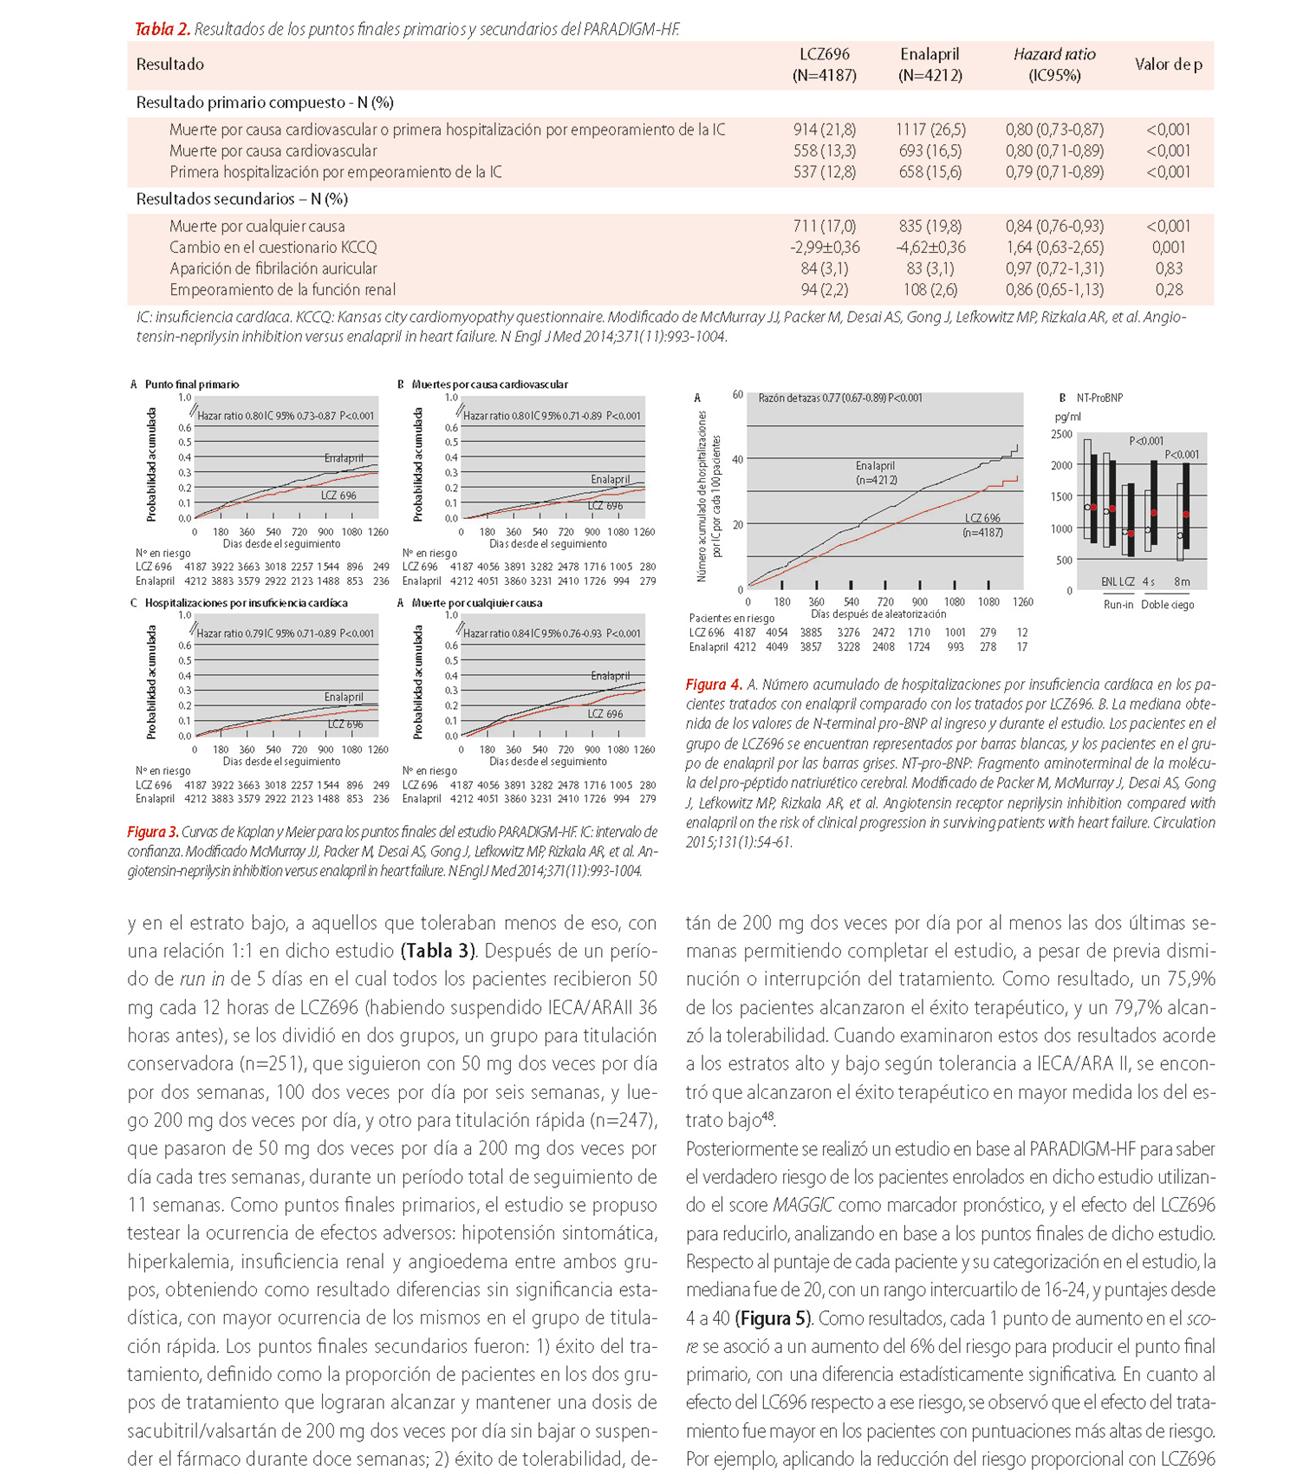 Inhibición de los receptores de la angiotensina  y de la neprilisina: una nueva esperanza  en el tratamiento de la insuficiencia cardíaca